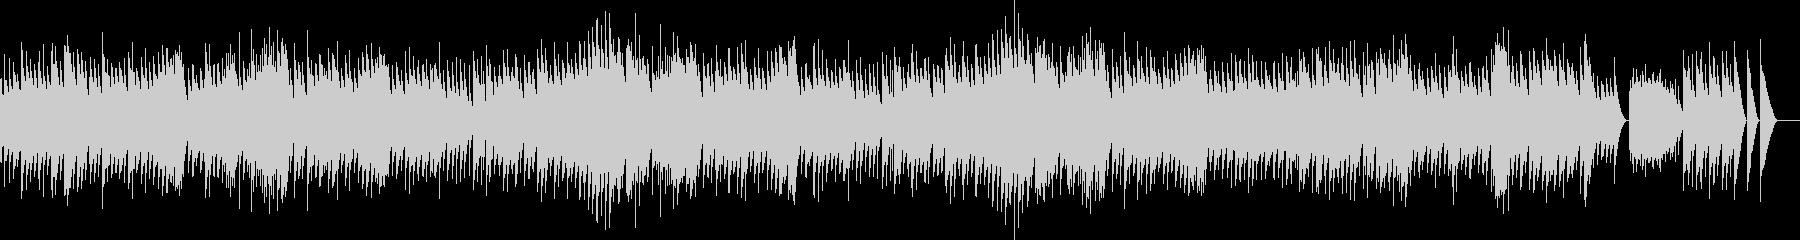 ショパンのノクターン フル尺 オルゴールの未再生の波形